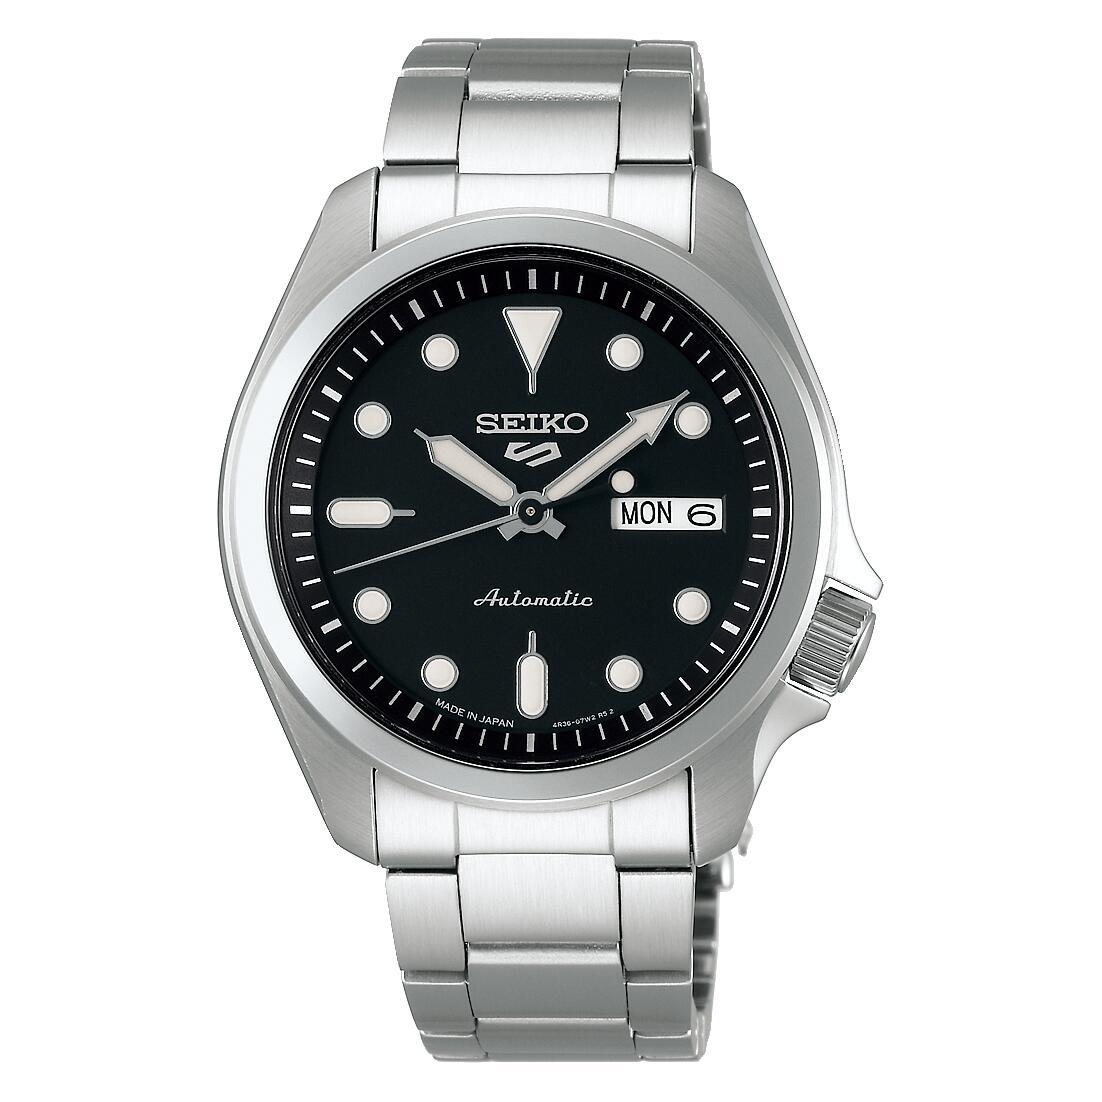 メンズ 激安セール 至上 腕時計 新品 正規品 SEIKO セイコー セイコーファイブスポーツ Seiko5Sports SBSA045